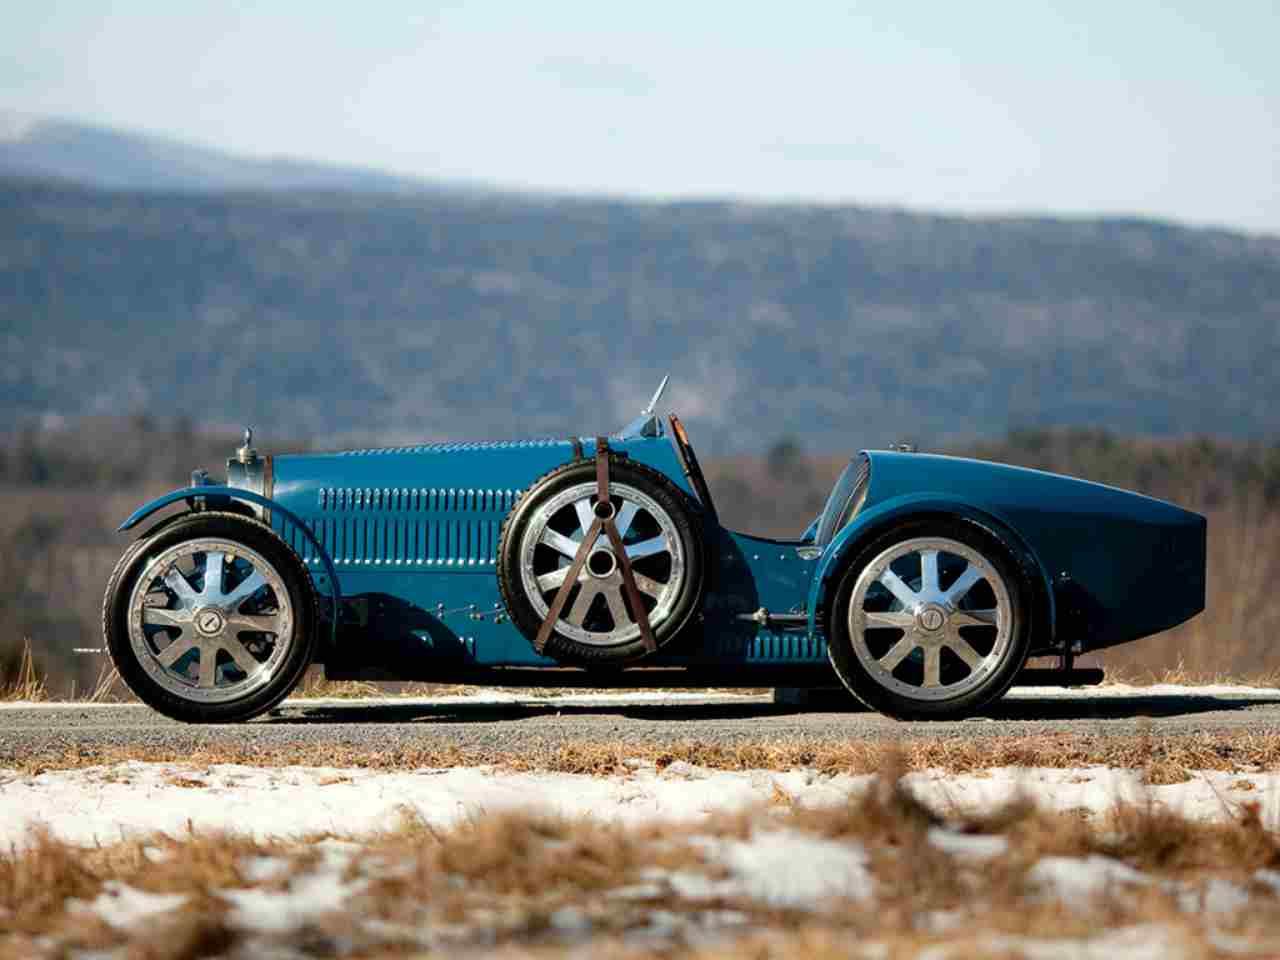 Bugatti Baby II, l'auto giocattolo che costa come una vera - Video